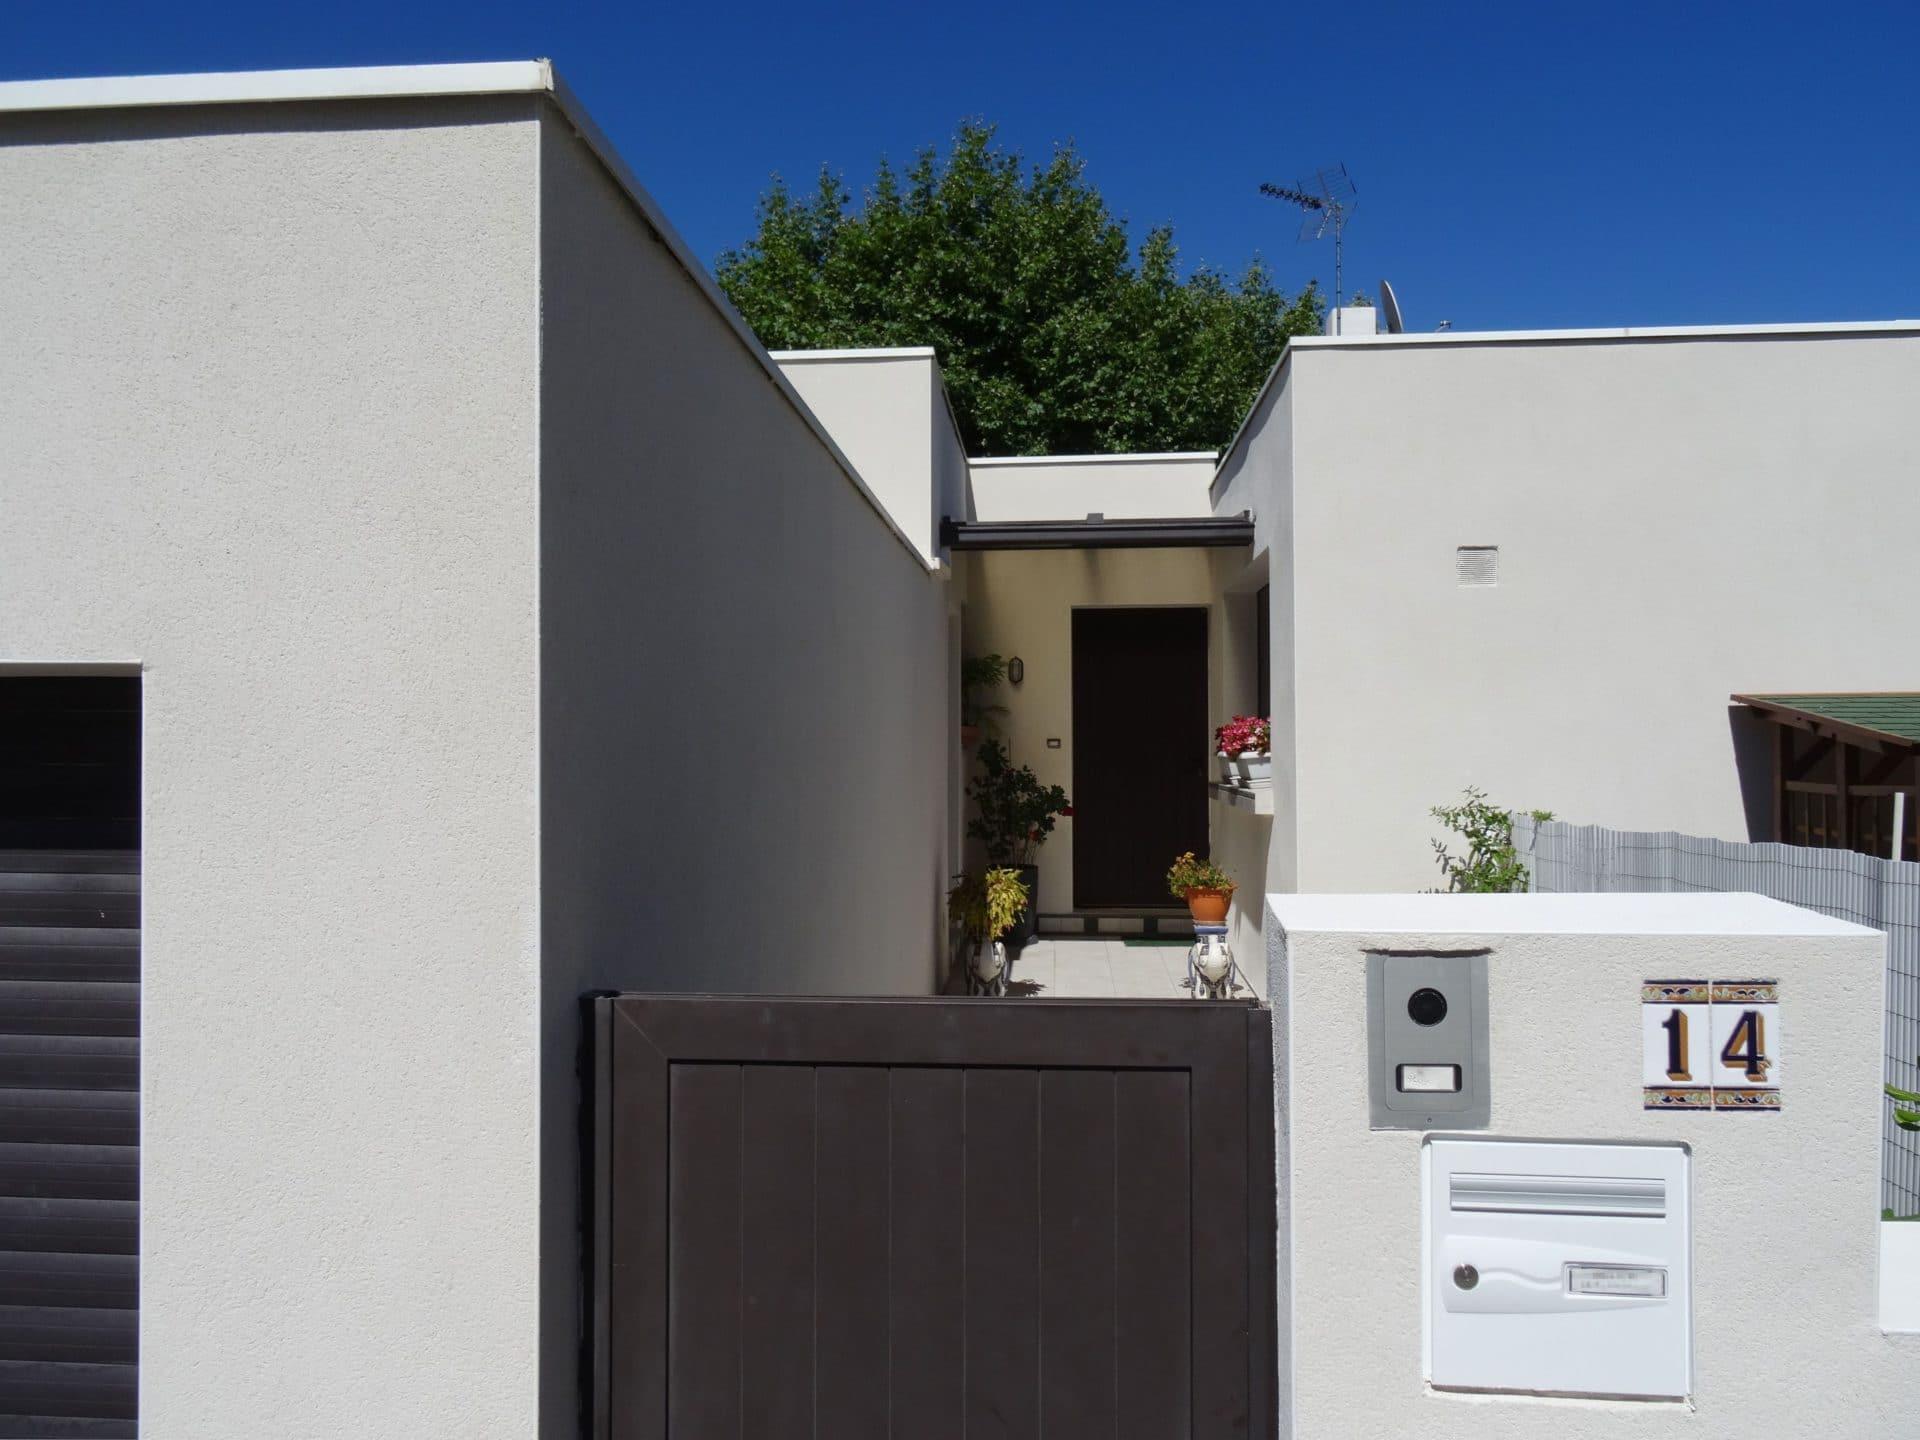 Ravalement de façade : Rénover les murs extérieurs de sa maison